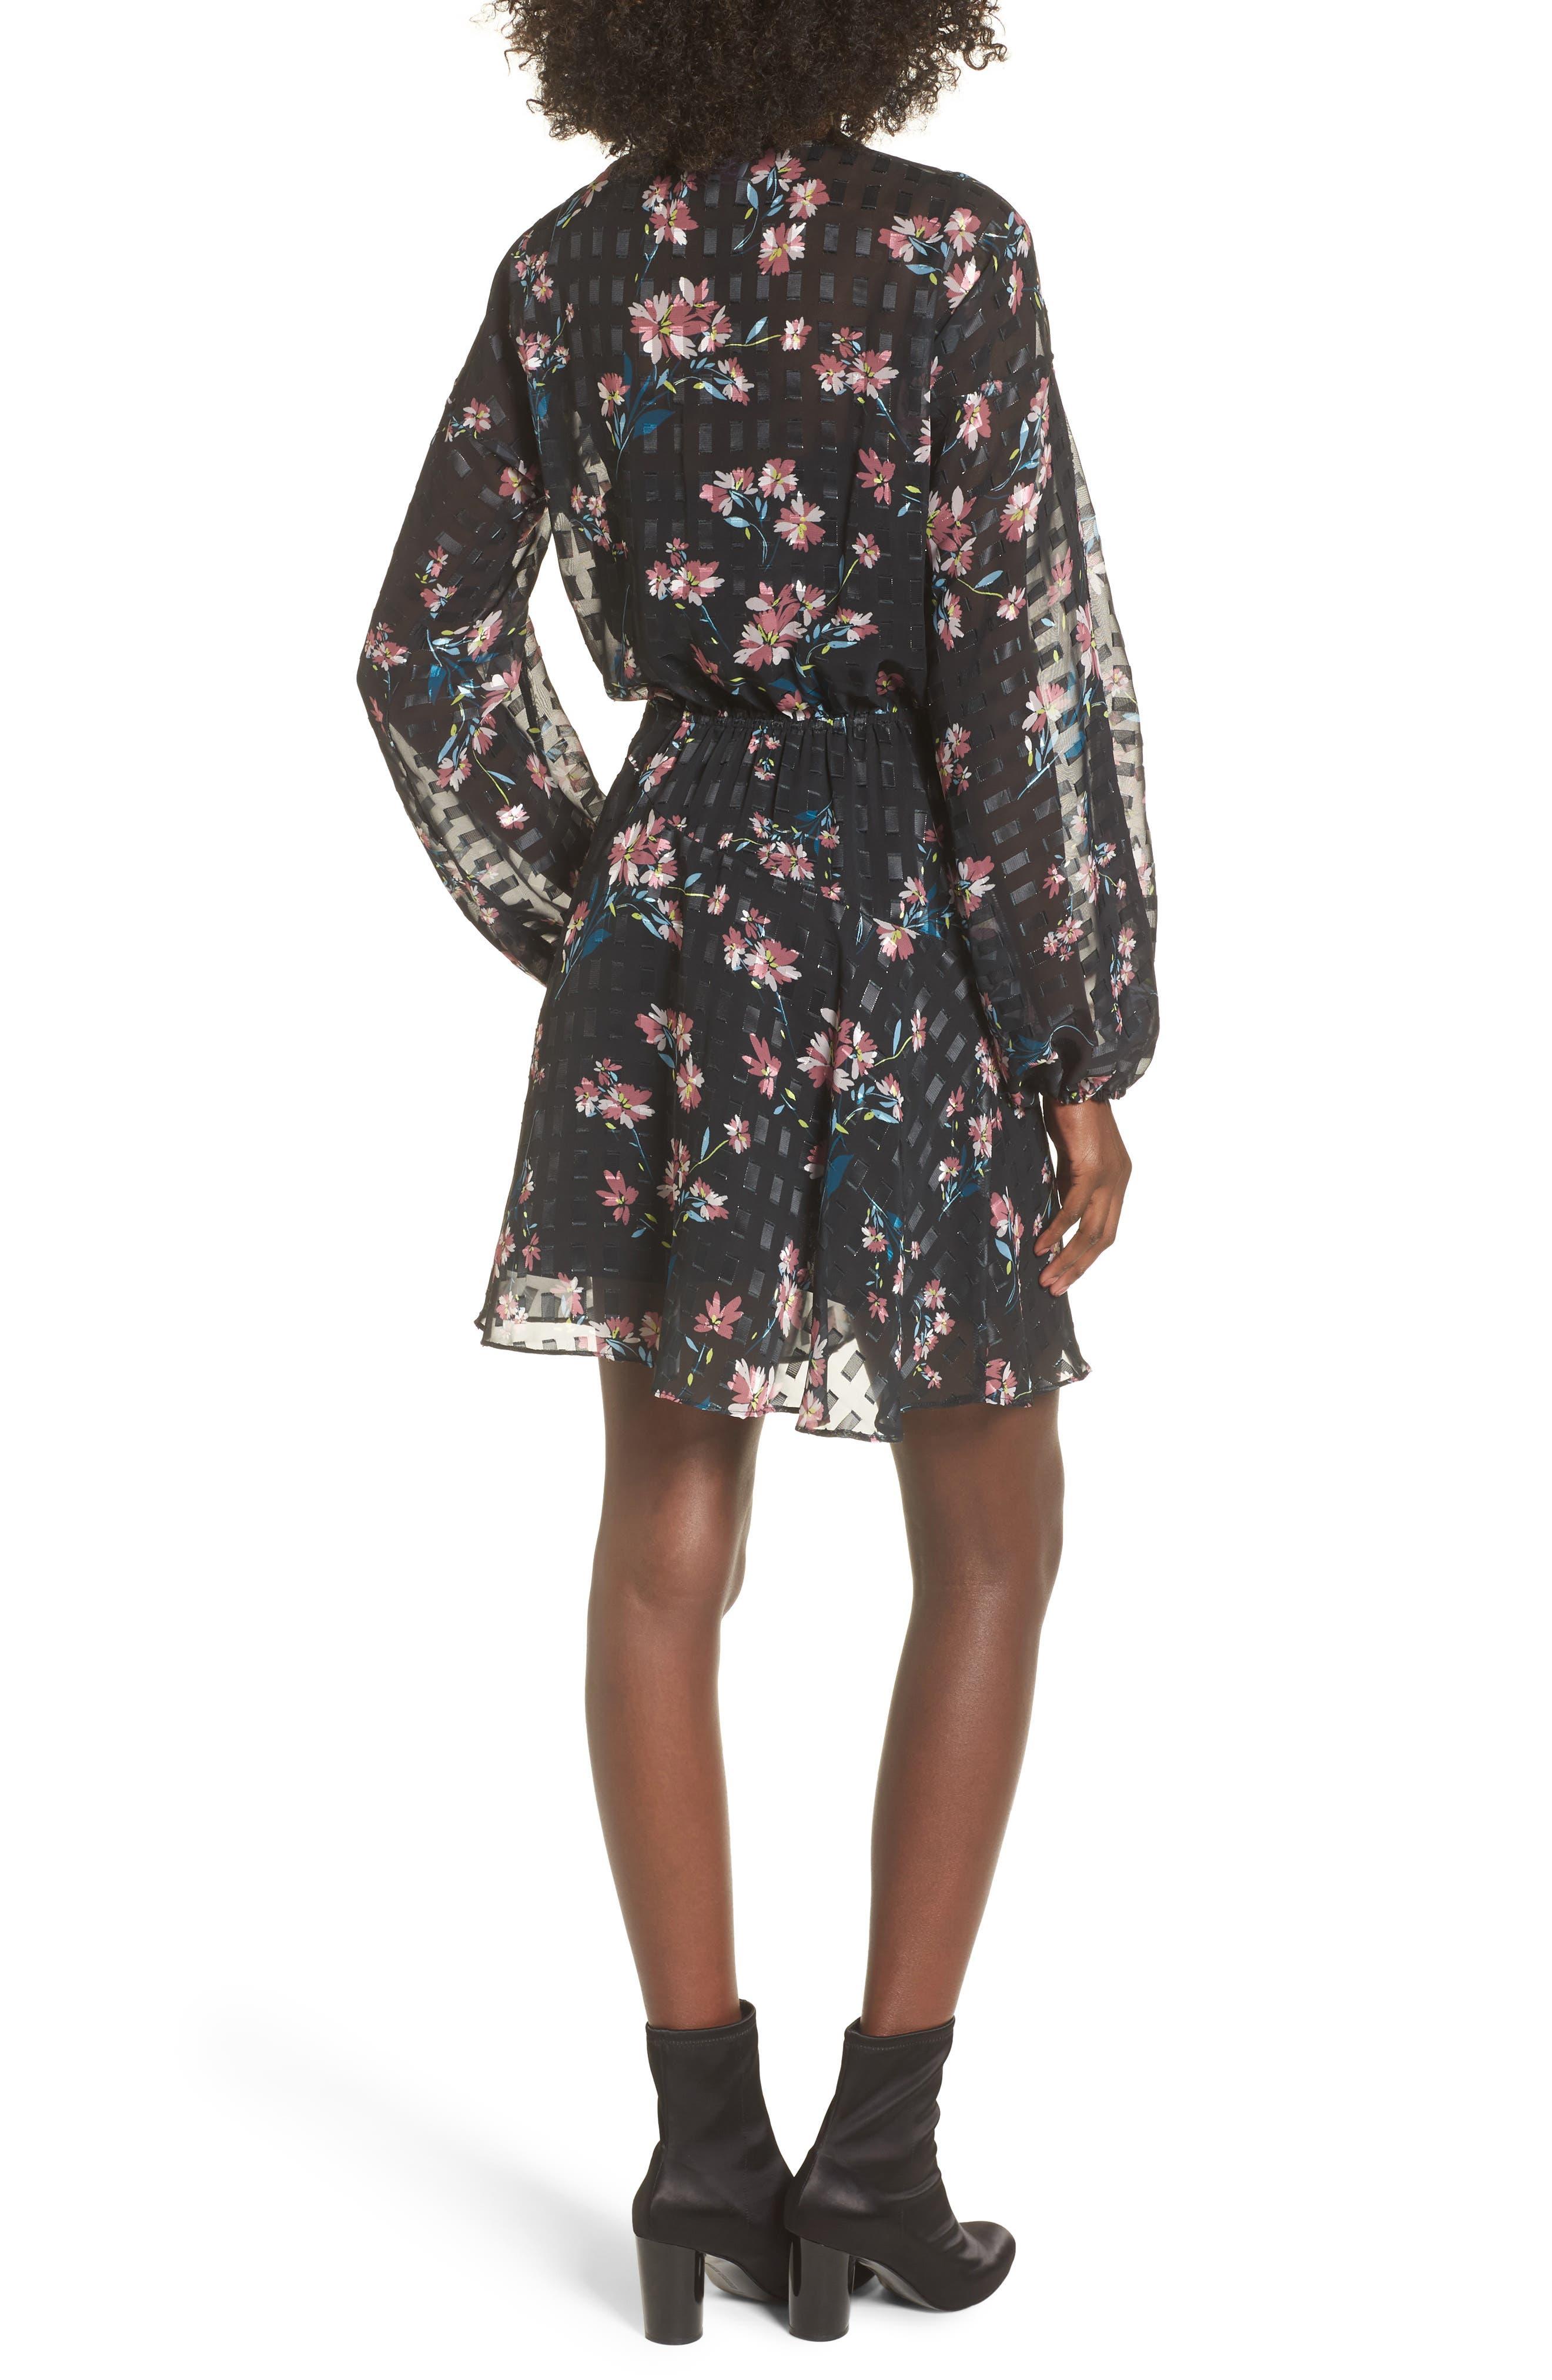 Alexis Floral Dress,                             Alternate thumbnail 2, color,                             002